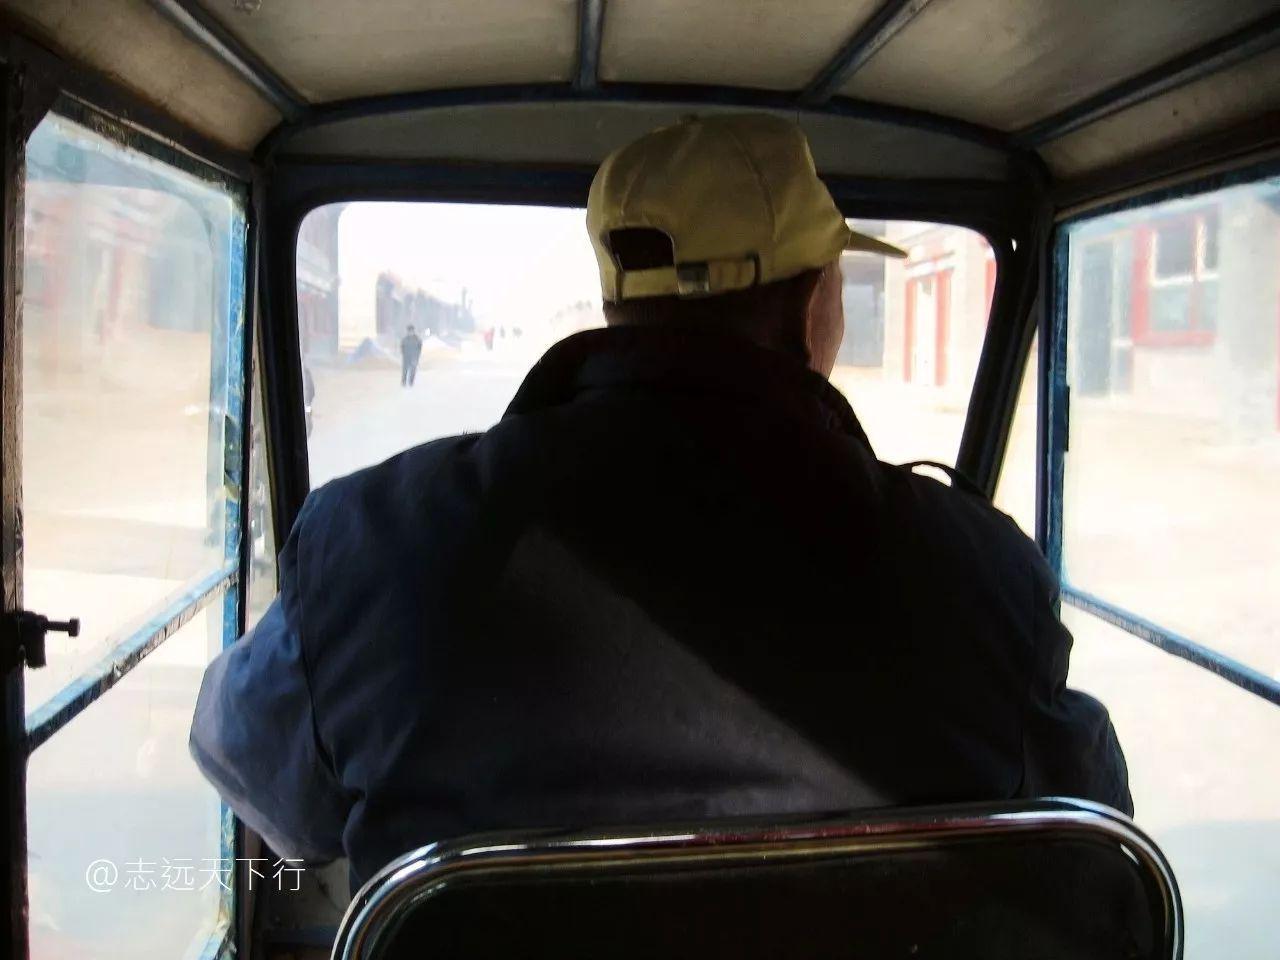 山海关被骗记:聊聊你在国内旅游曾经遇到过的那些骗局!